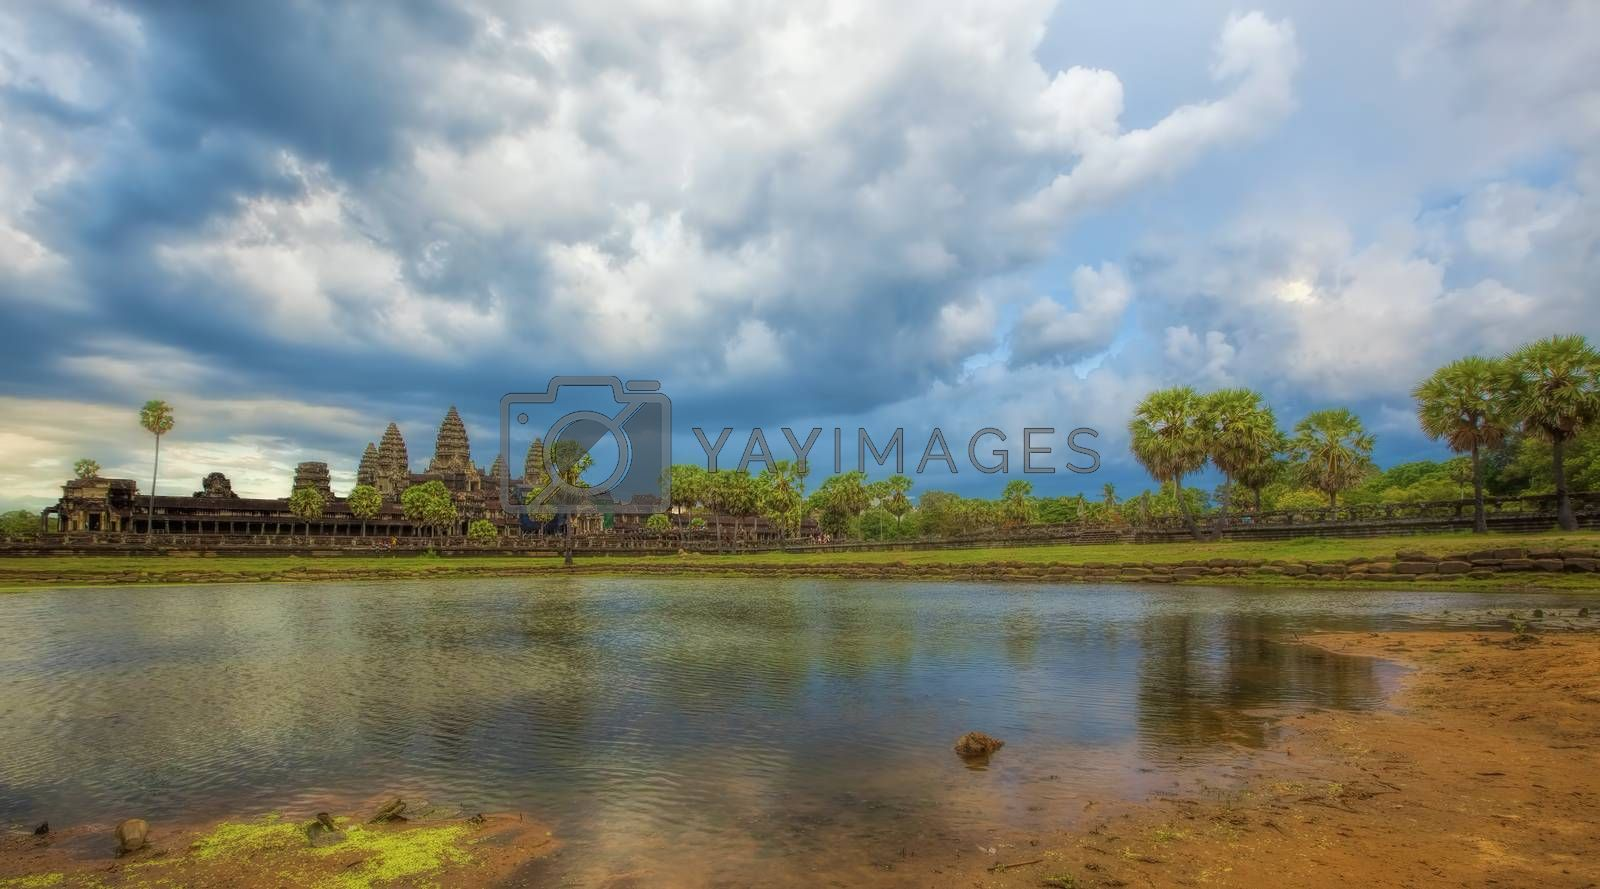 Sunset over Angkor Wat by kjorgen